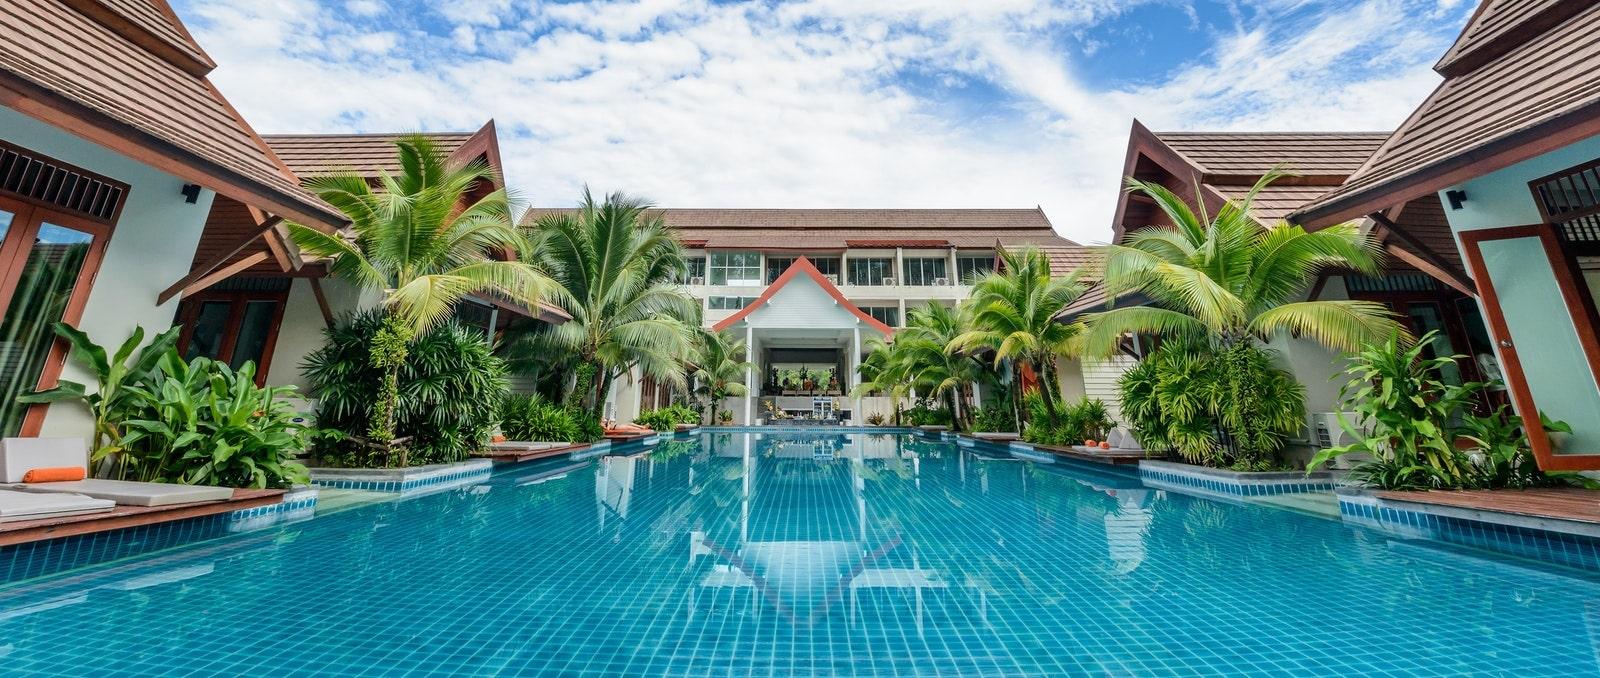 Réserver-un-Hôtel-en-Guyane-Française